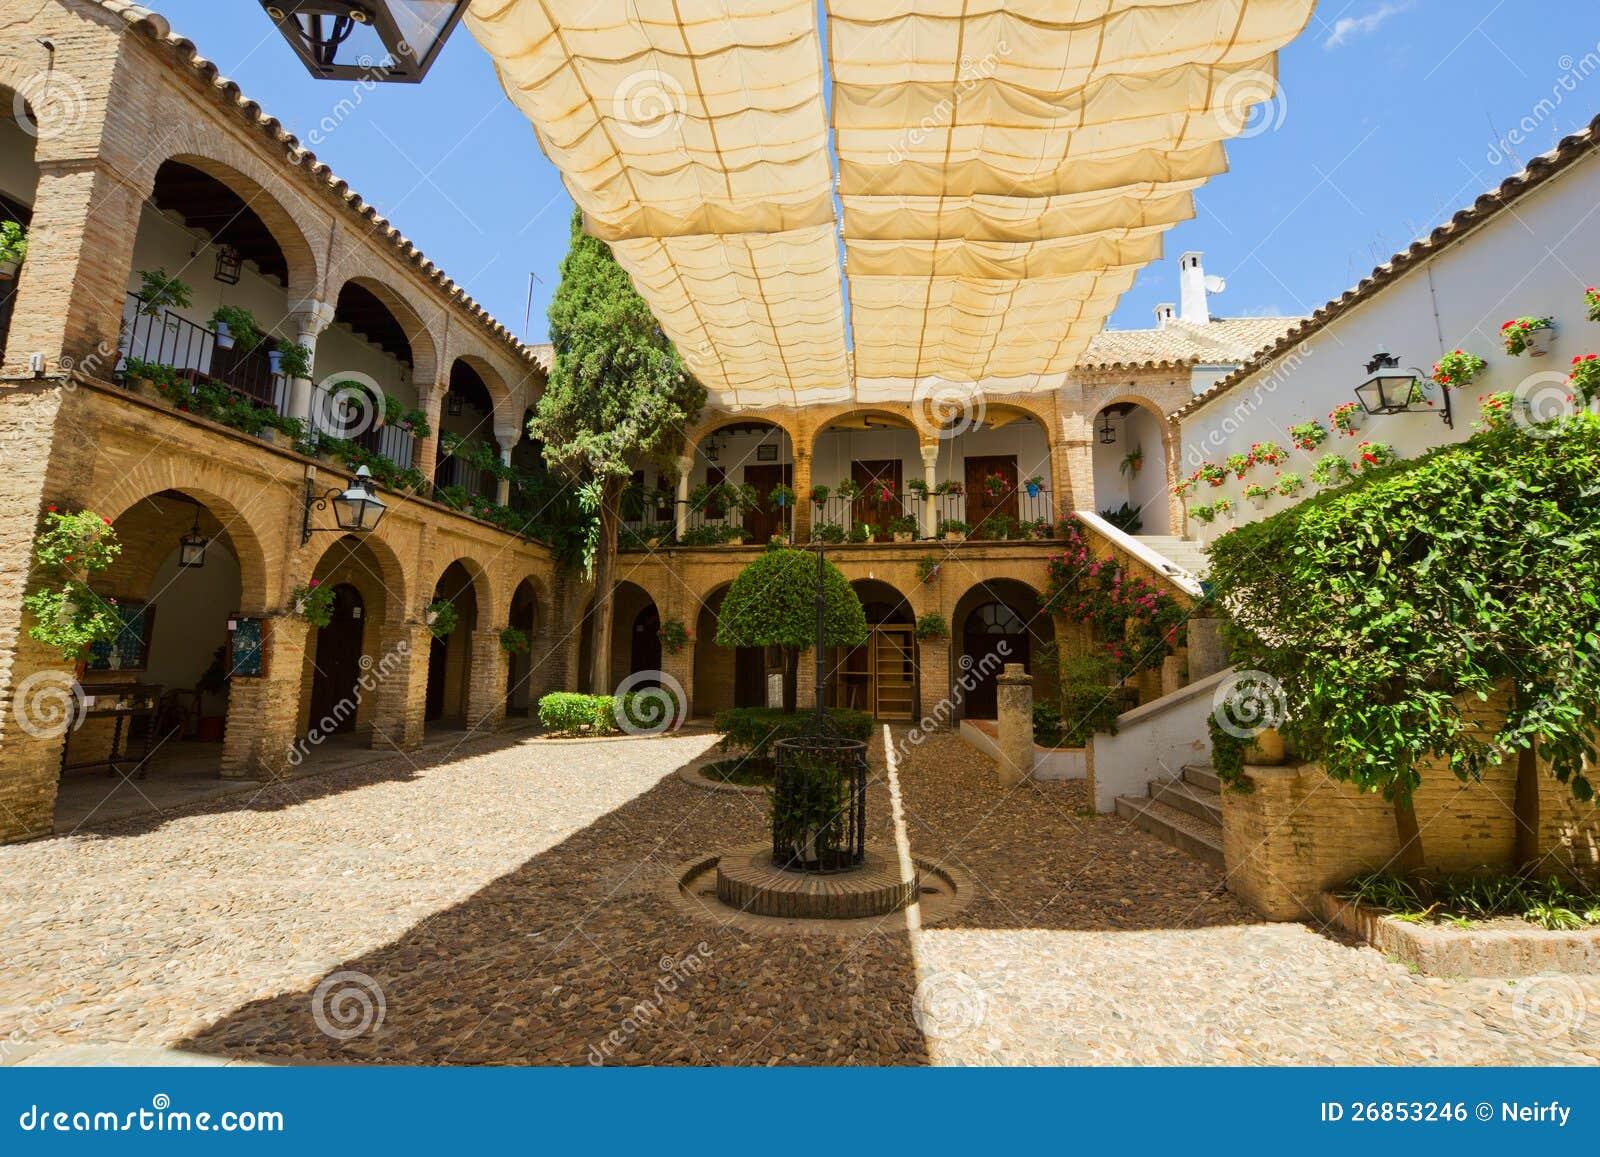 Cour d 39 une maison typique cordoue espagne image libre de droits image 26853246 - Une cour de maison ...